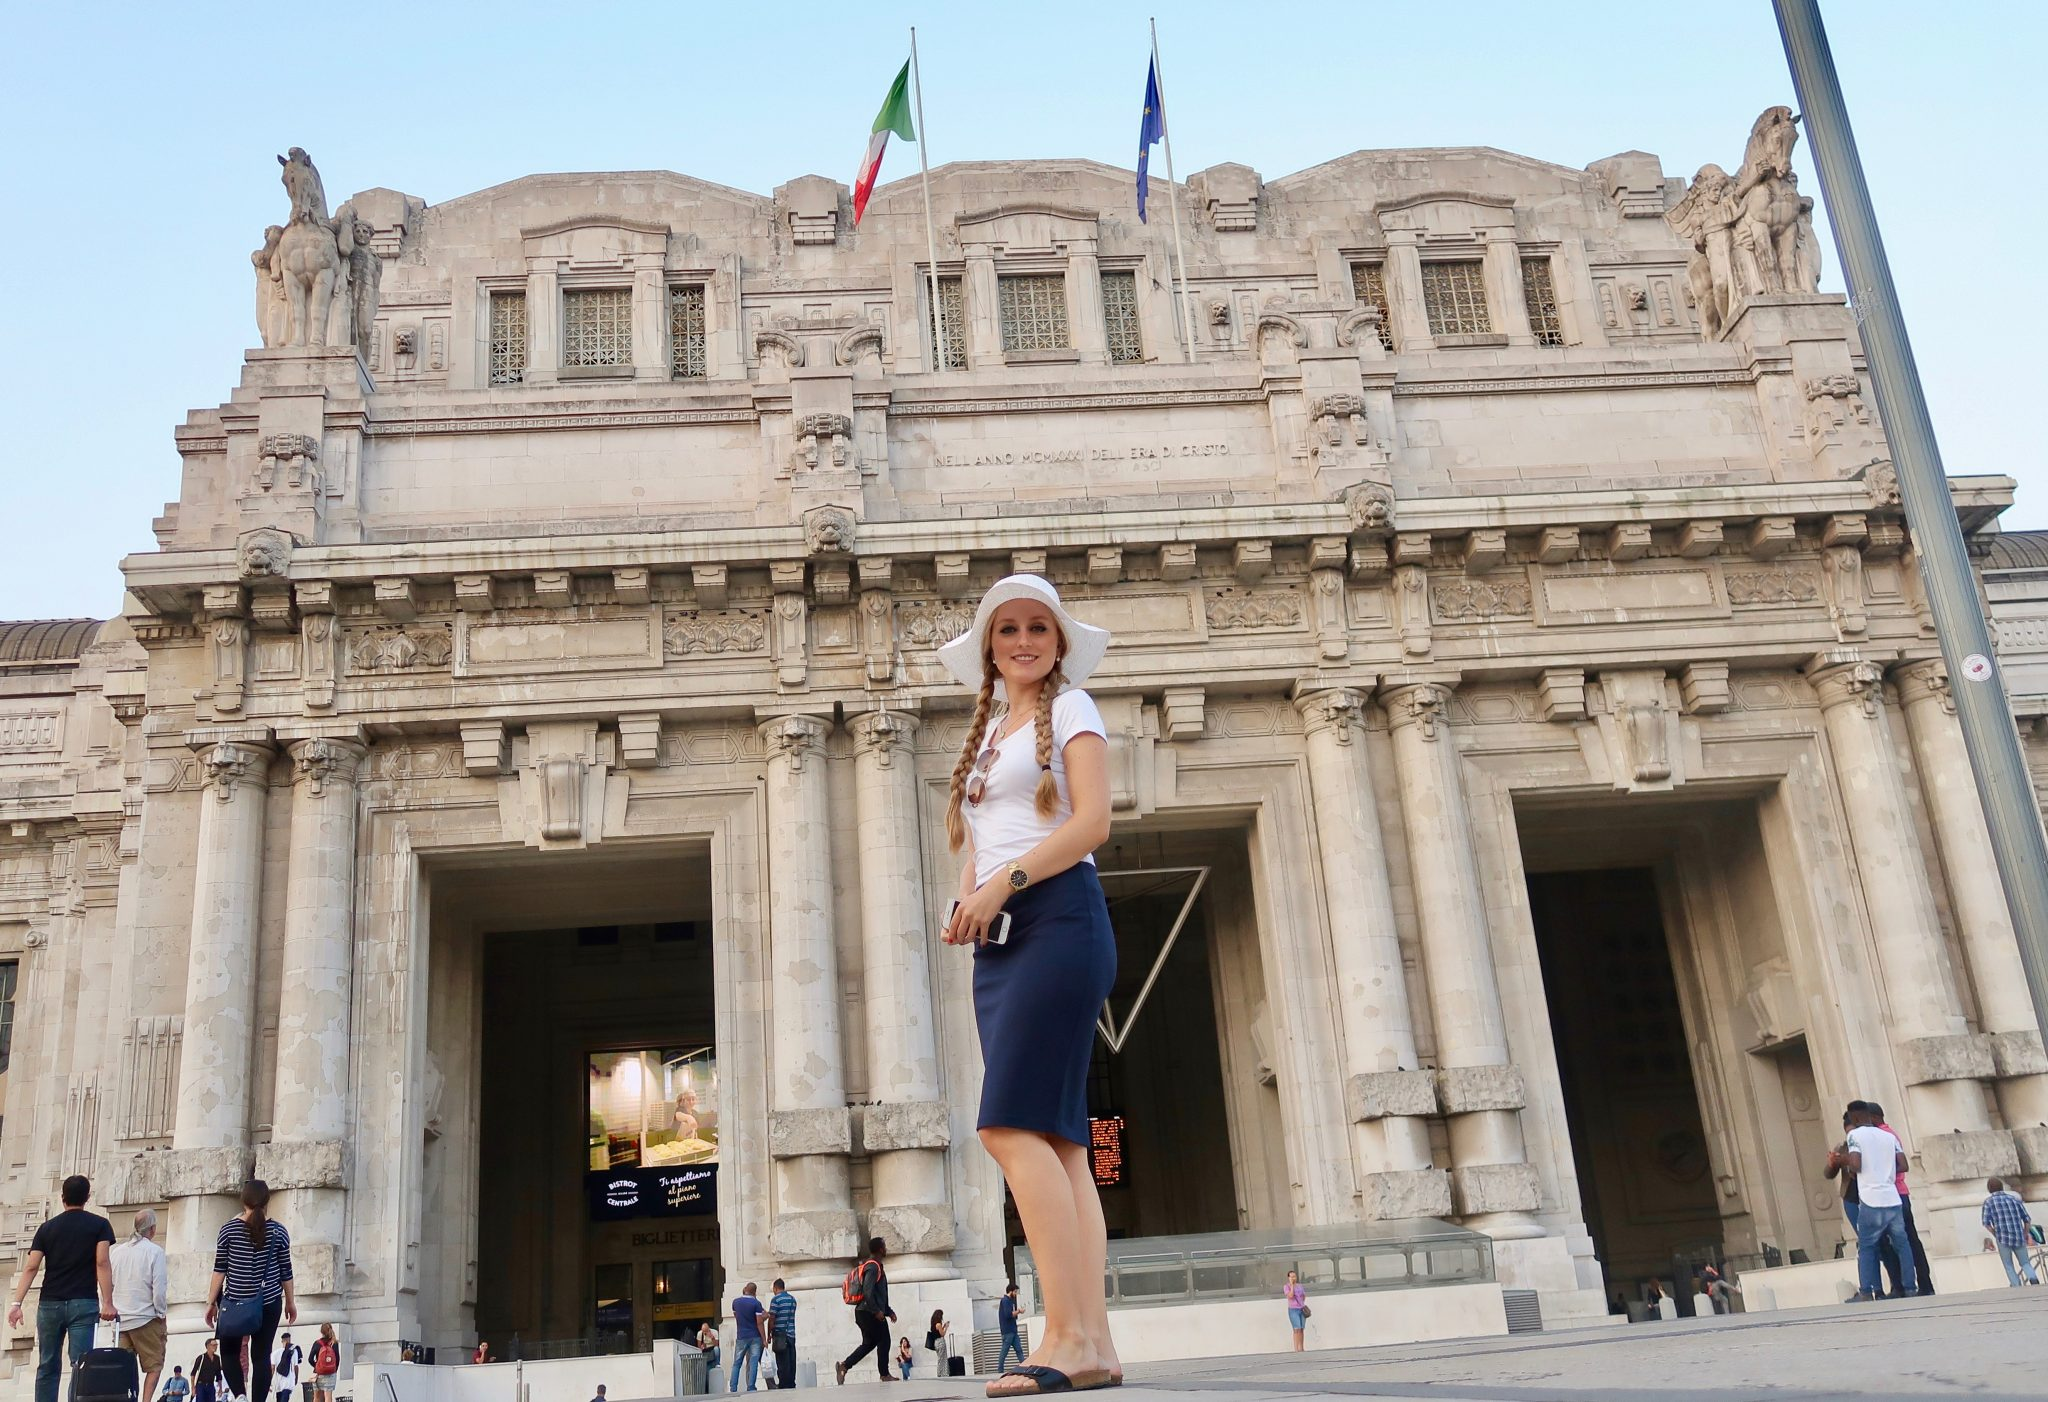 Mailand: Hauptbahnhof / Milano Centrale einer der schönsten Bahnhöfe in Europa!